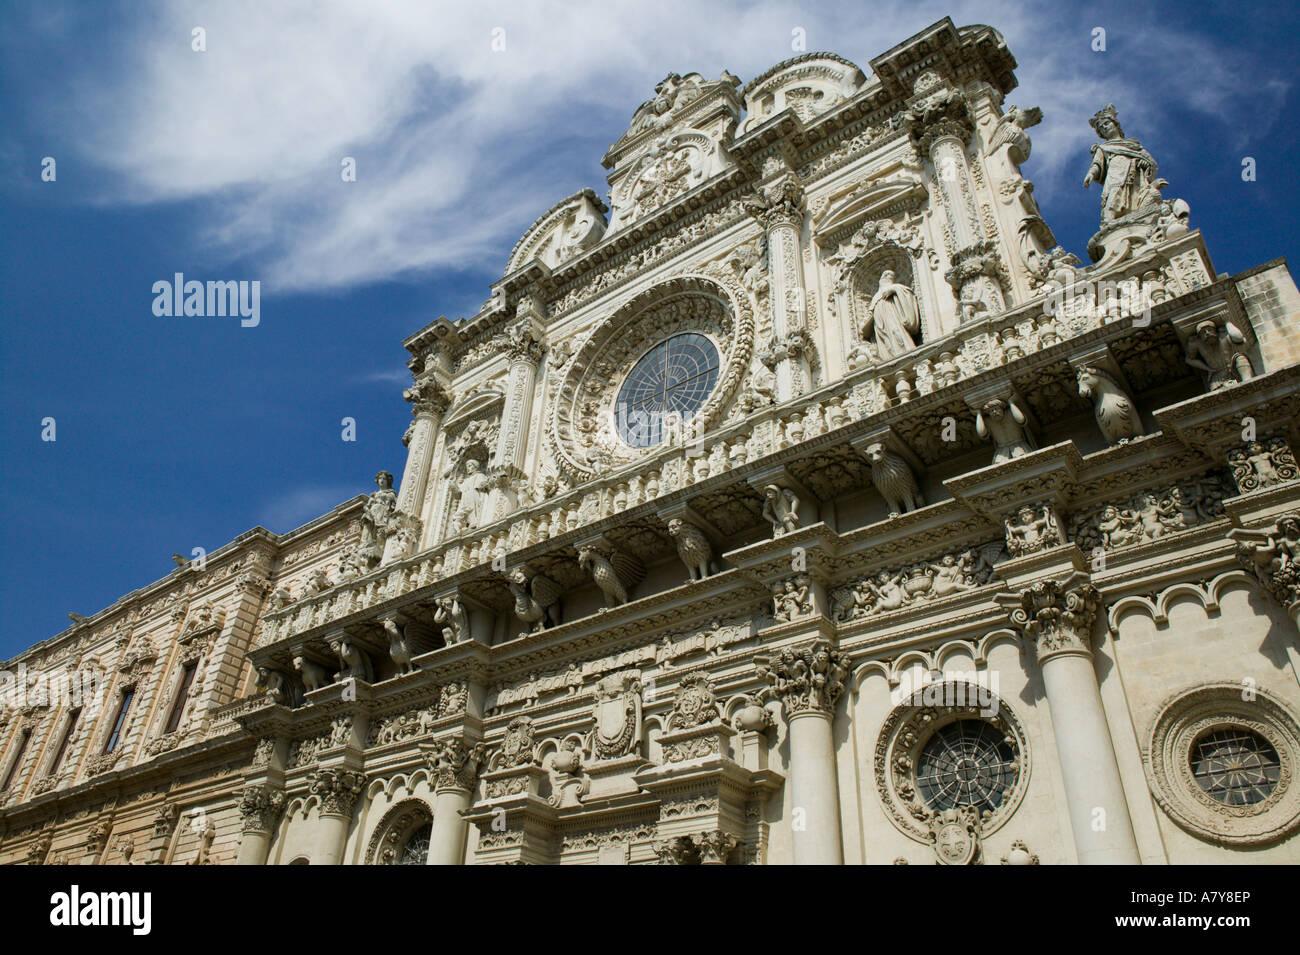 italy, puglia, lecce, baroque architecture in southern italy, 17th